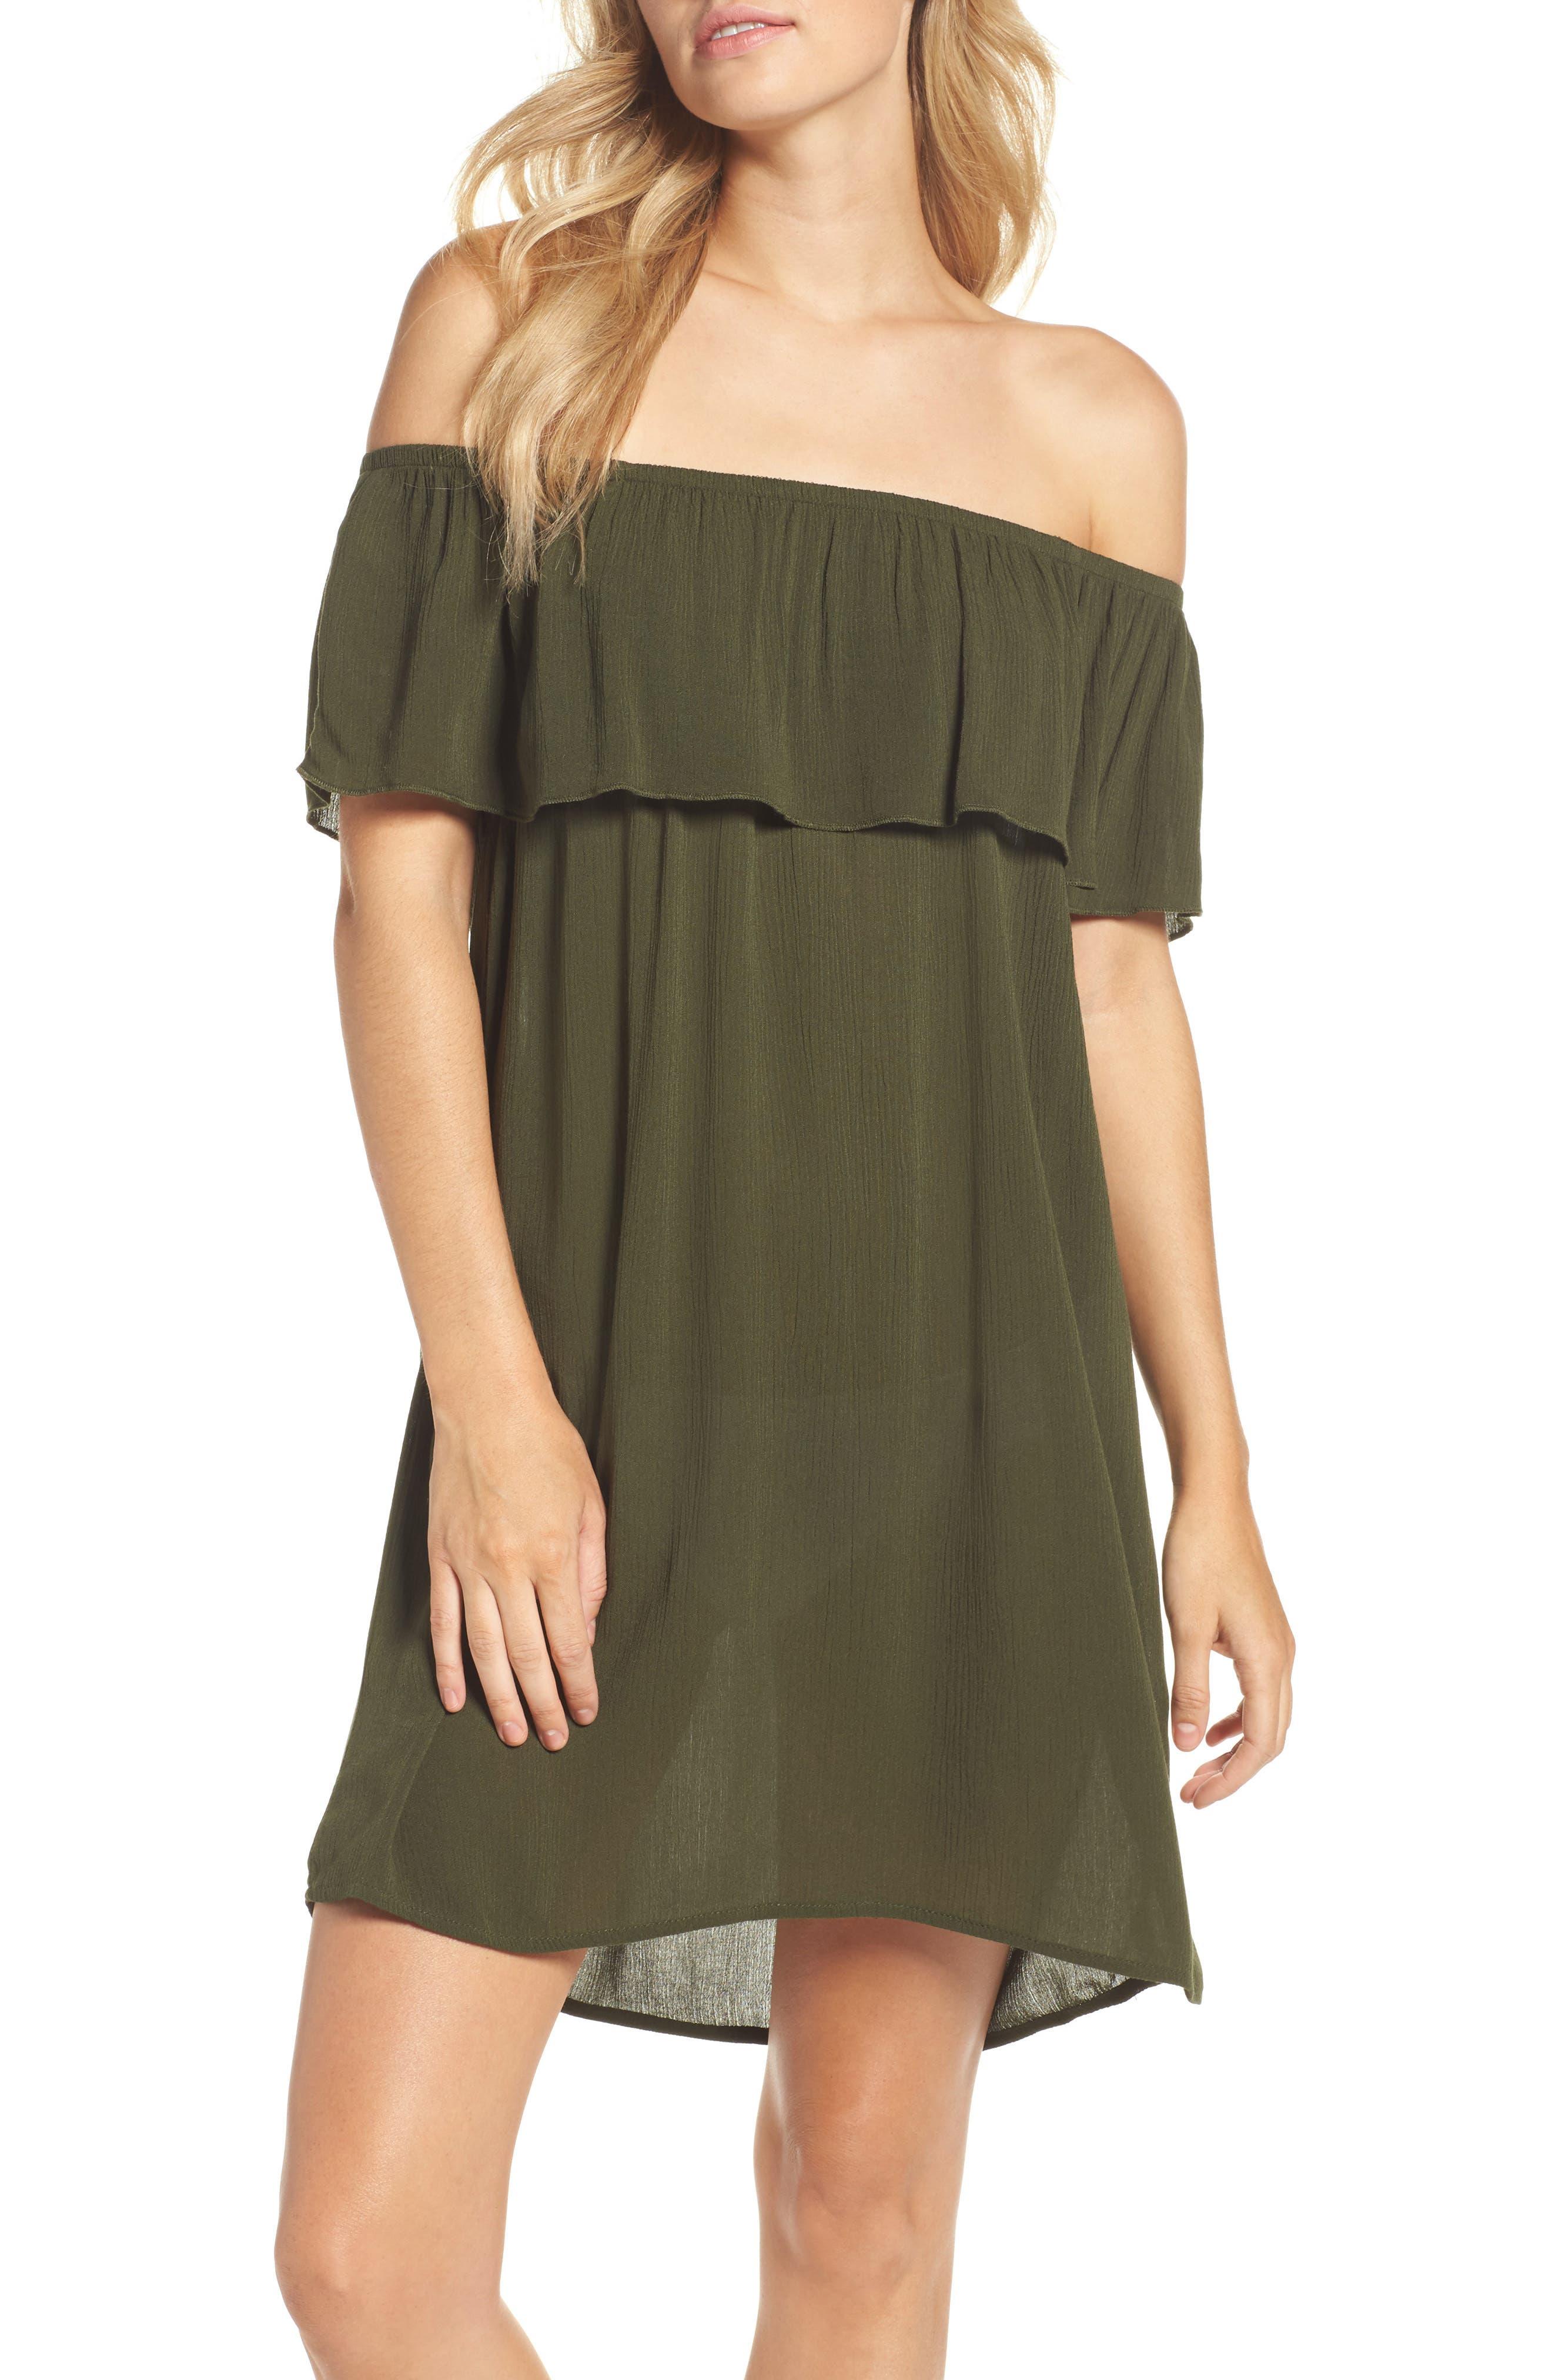 Southern Belle Off the Shoulder Cover-Up Dress,                         Main,                         color, Bay Leaf